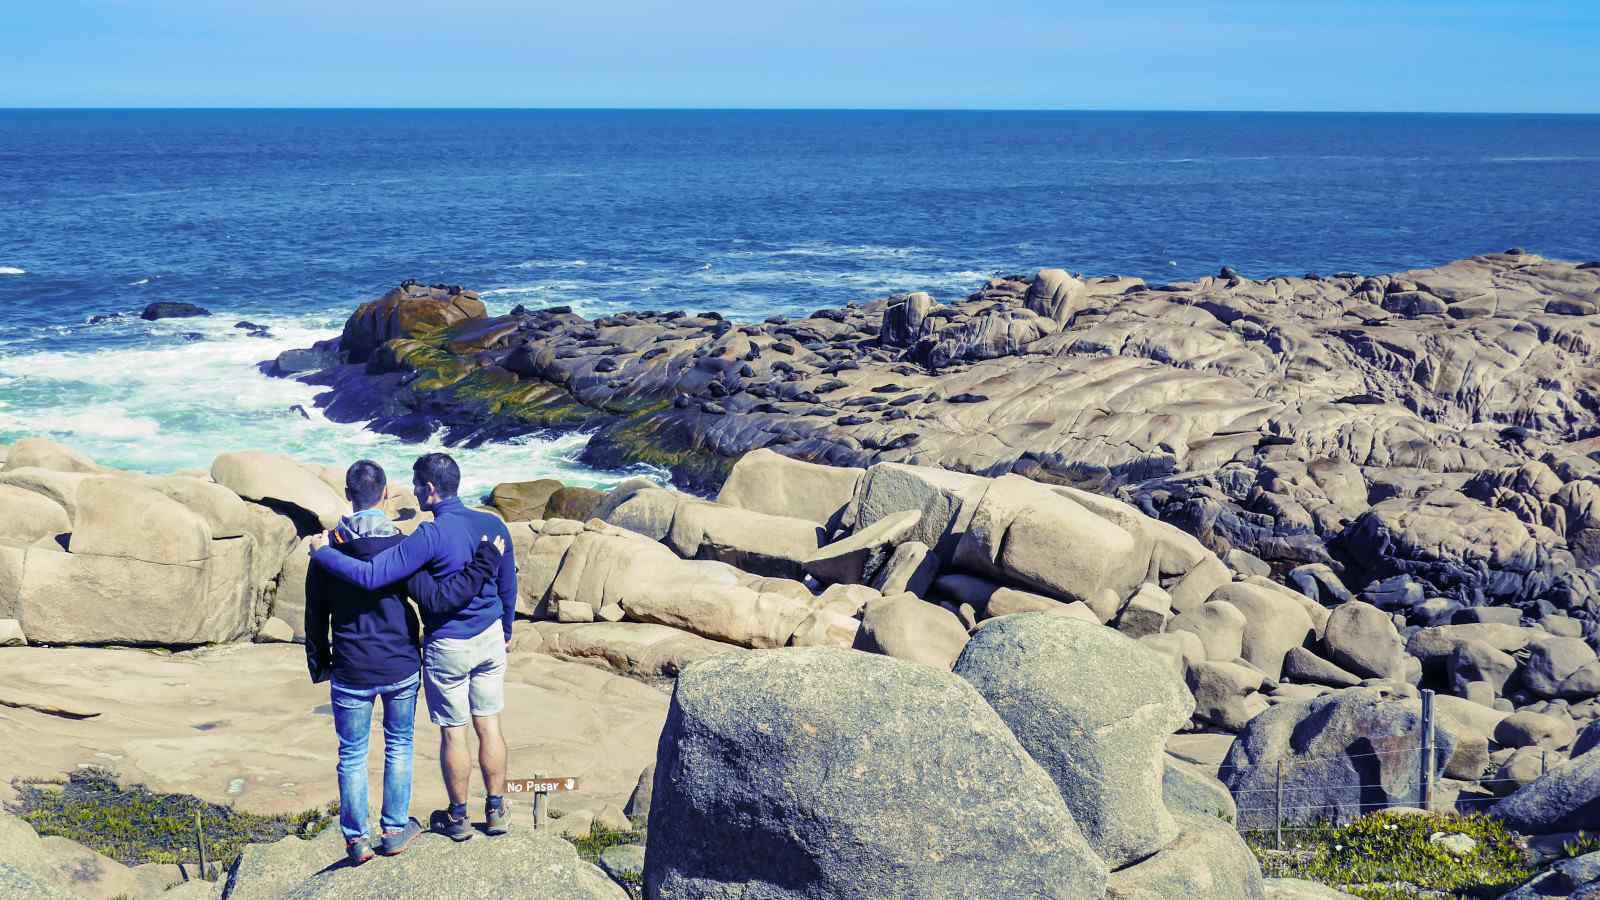 Nomadic Boys in Cabo Polonio National park in uruguay